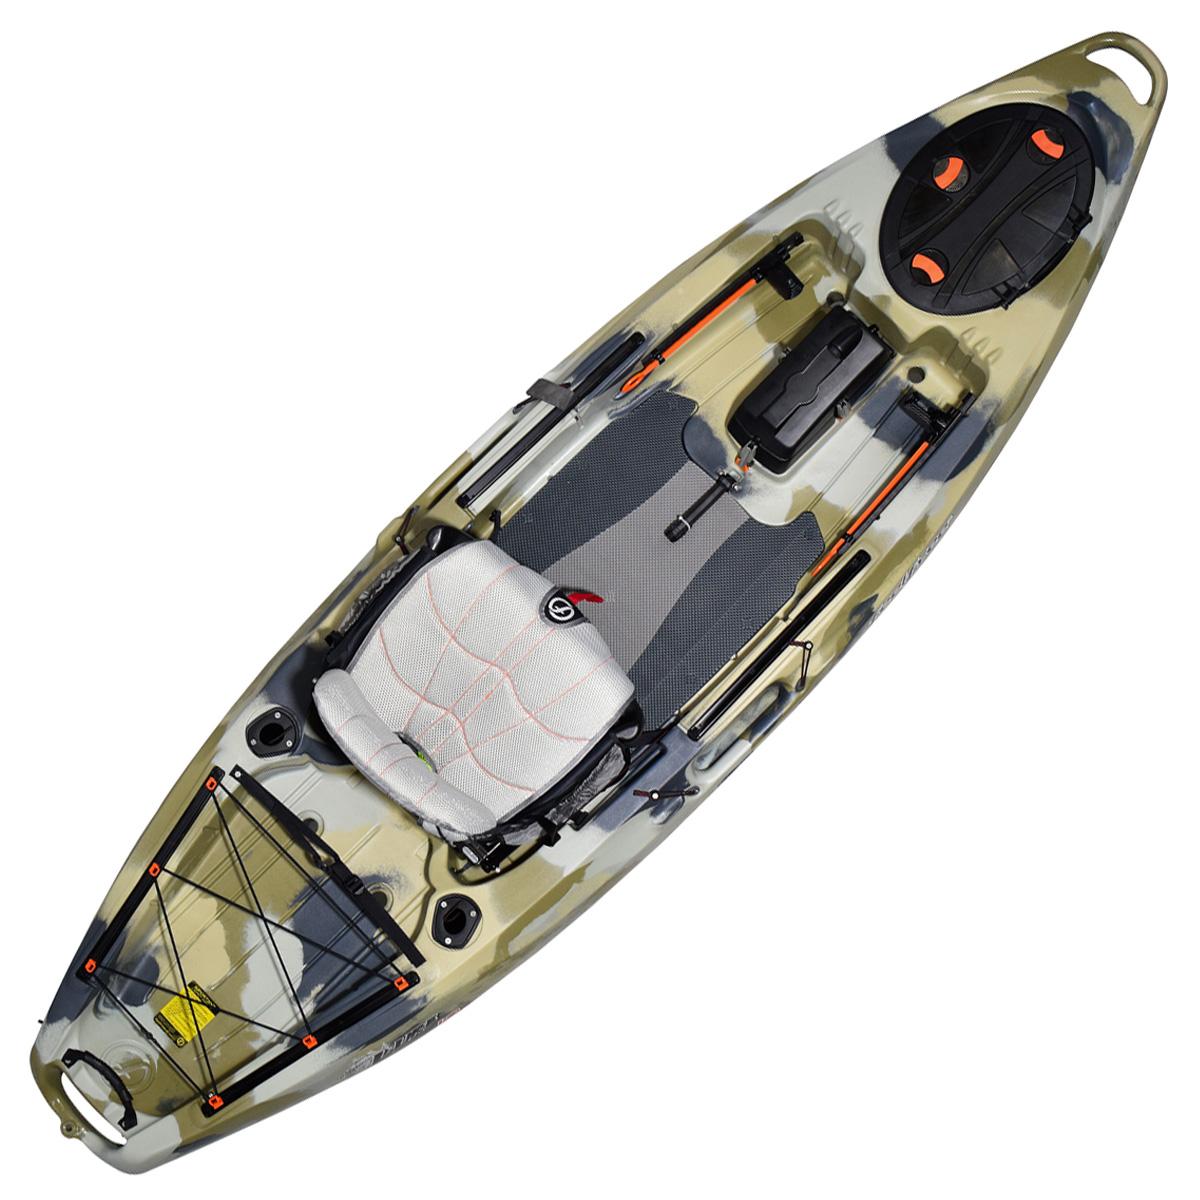 Feelfree Lure 10 Fishing Kayak Desert